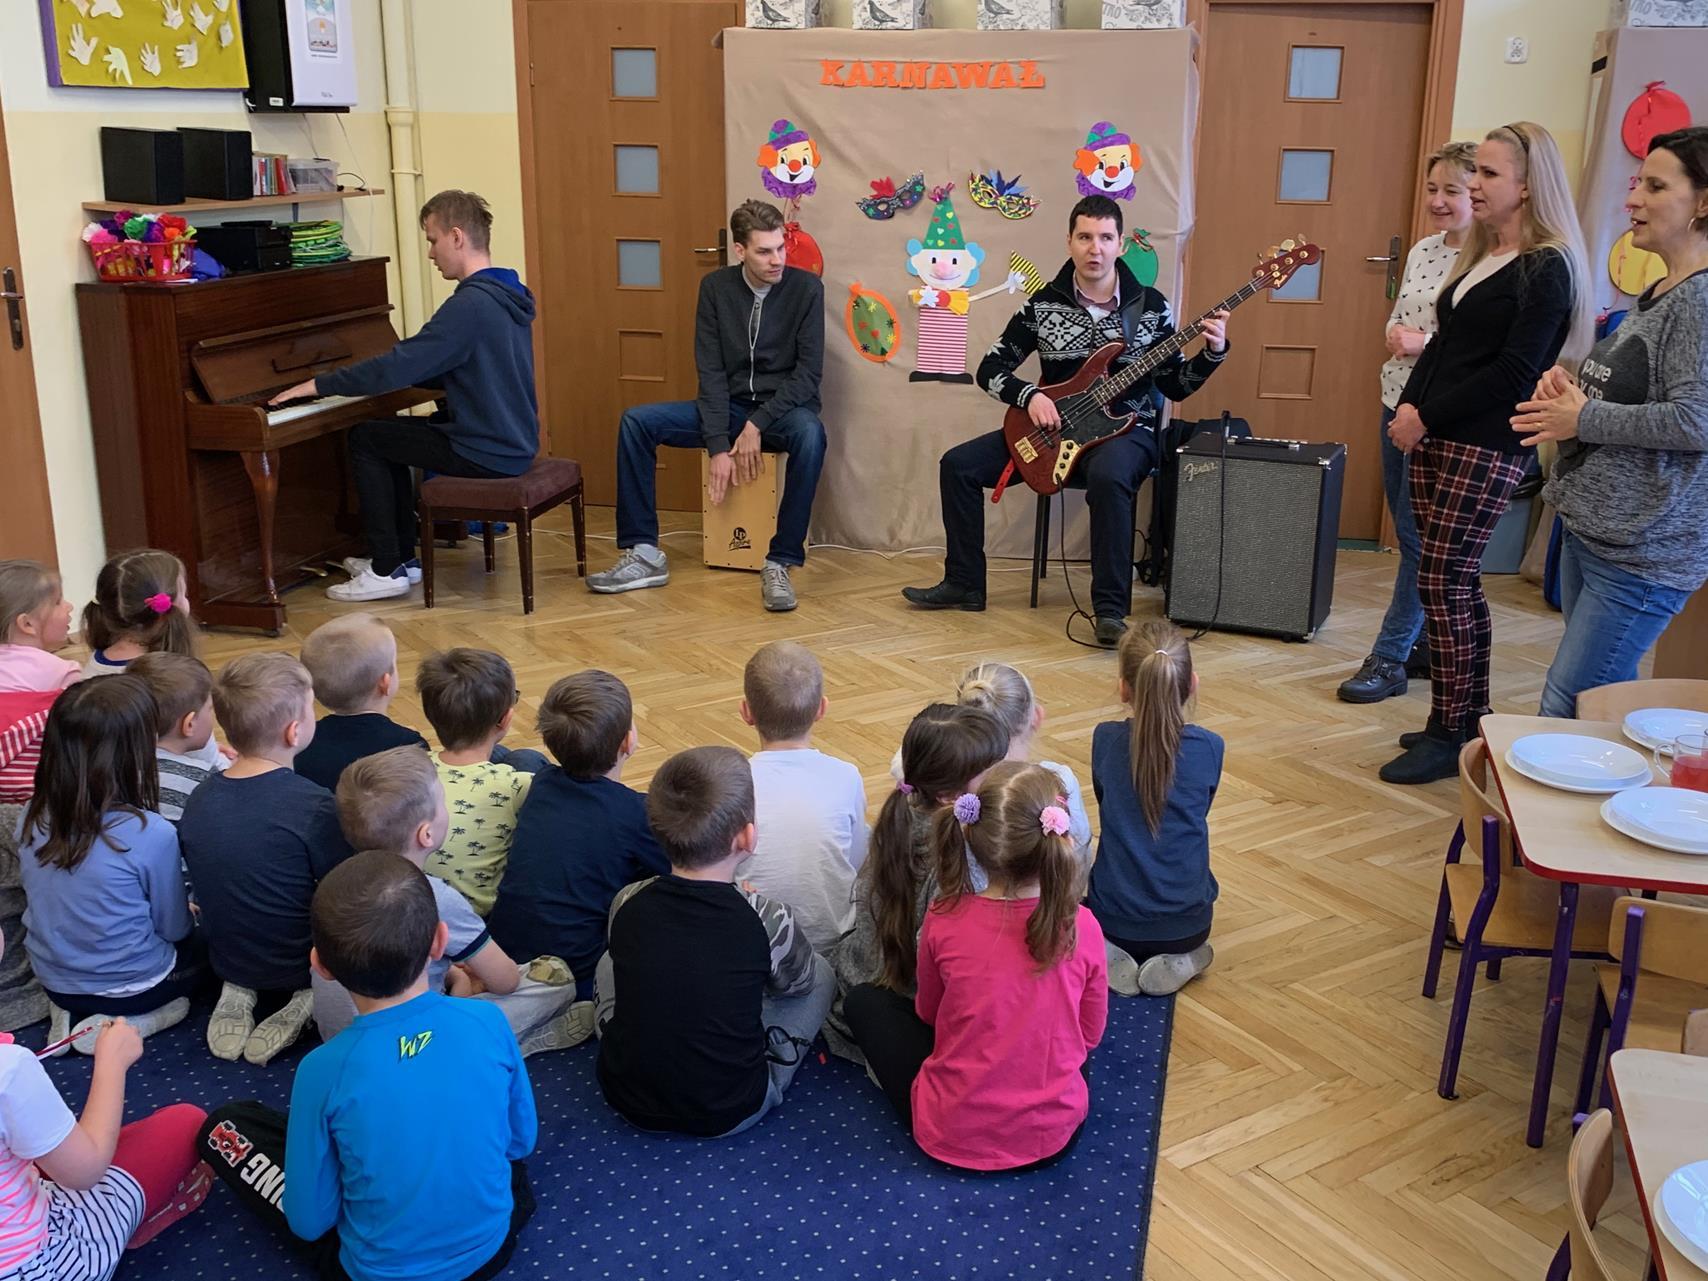 Kolorowa sala przedszkola. Trzech mężczyzn gra na instrumentach - pianino, cajon, gitara basowa, słuchają ich przedszkolaki siedzące na dywanie. Wszystkiemu przyglądają się trzy Panie, wśród których jest Prezes naszej fundacji.